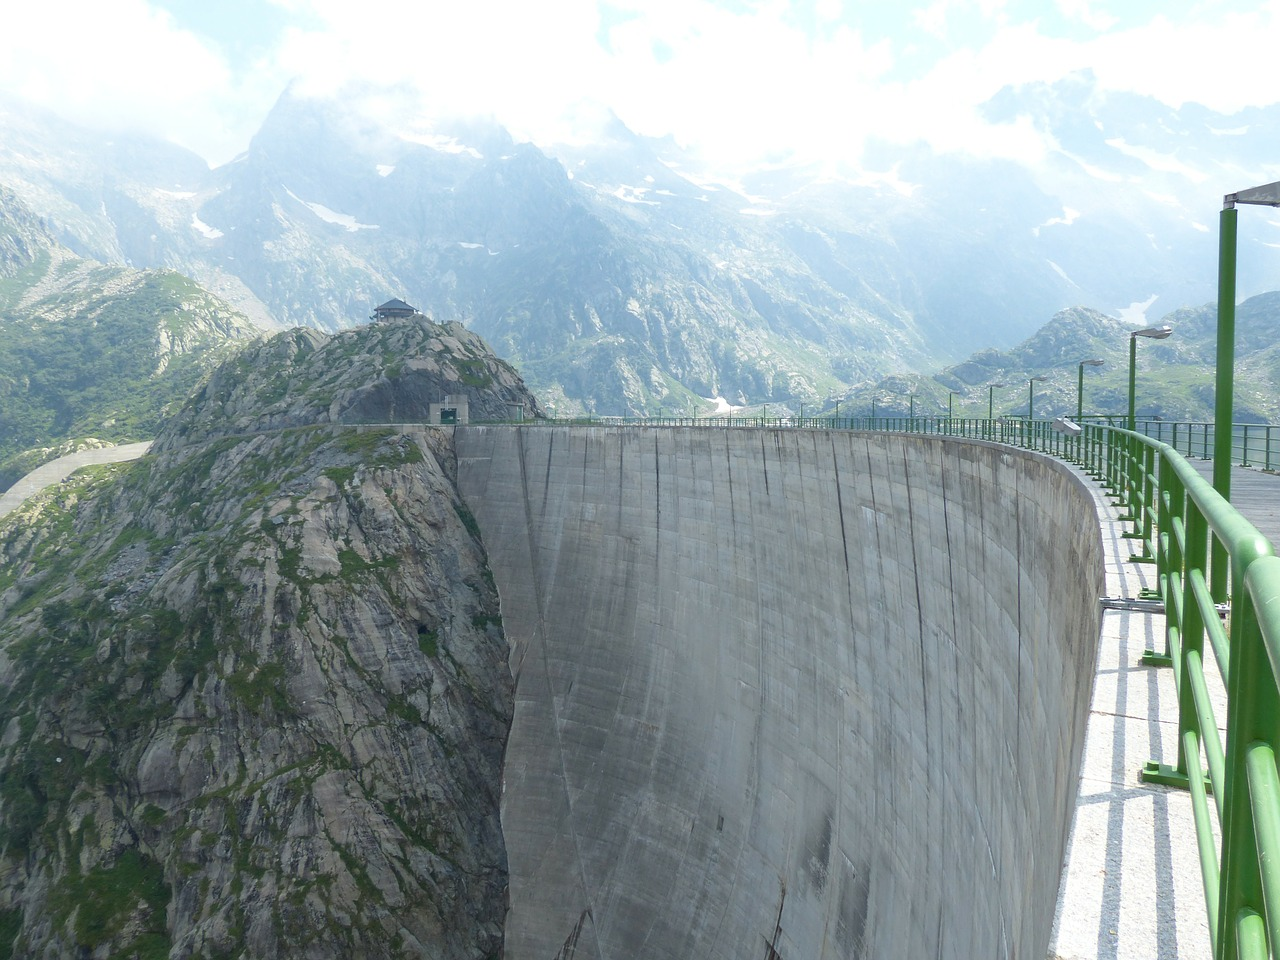 dam-176834_1280